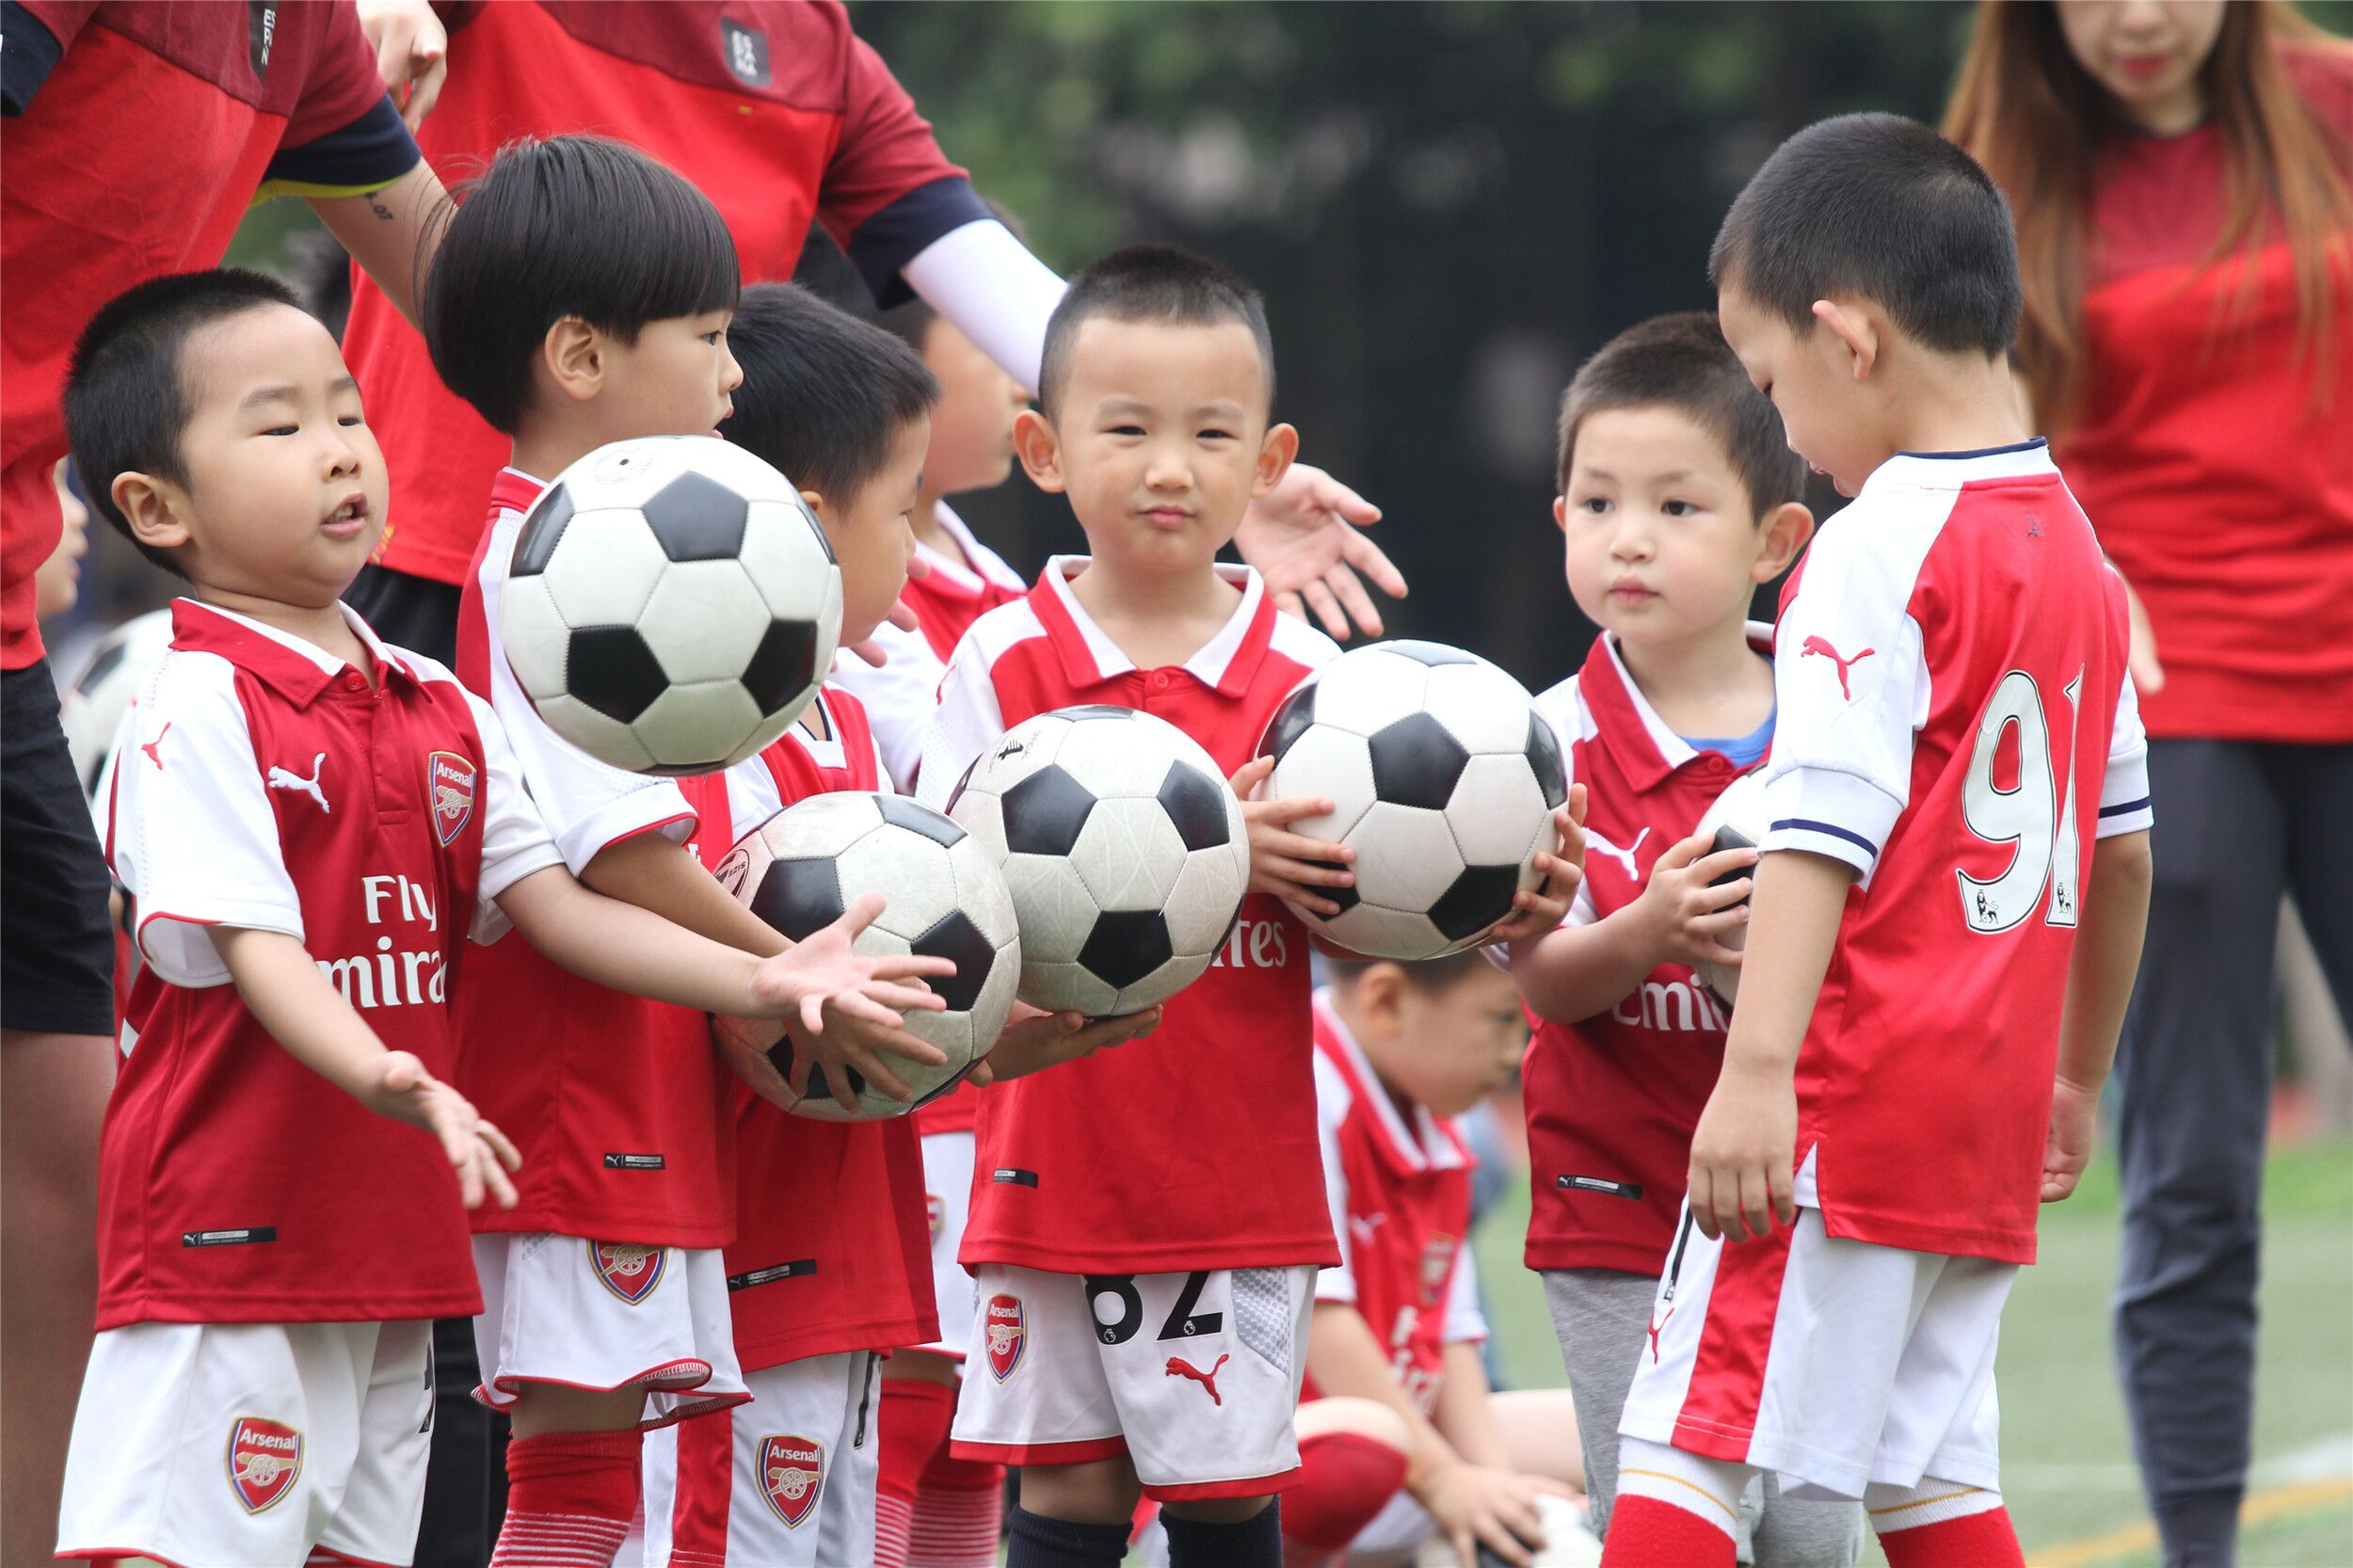 冠军少儿足球 小小冠军班